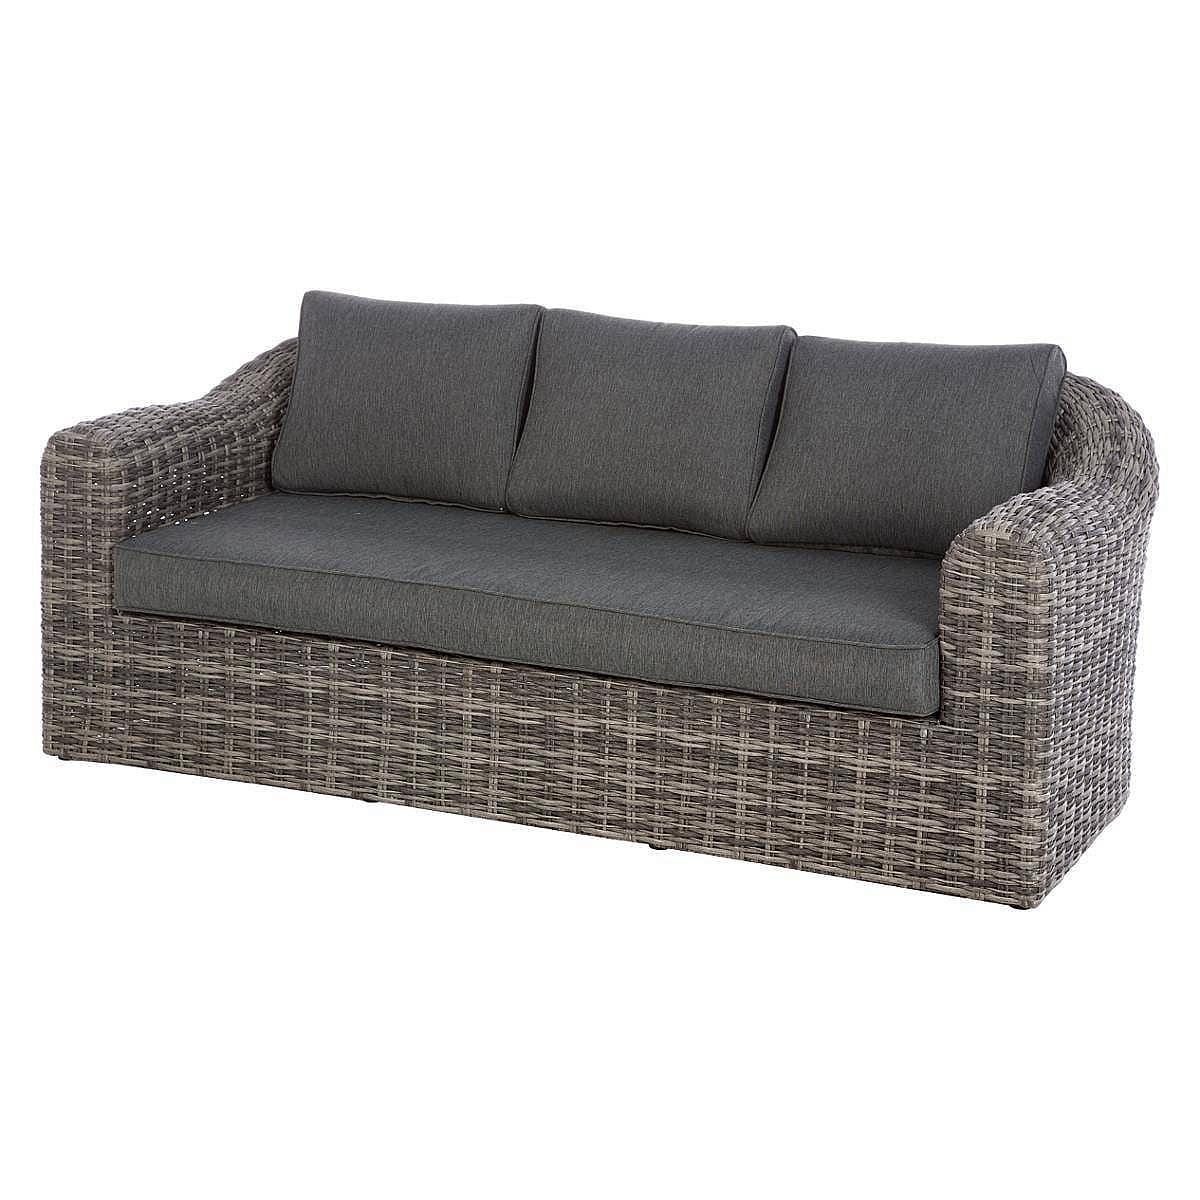 Ratanová lavica pre 3 osoby BORNEO (sivá)